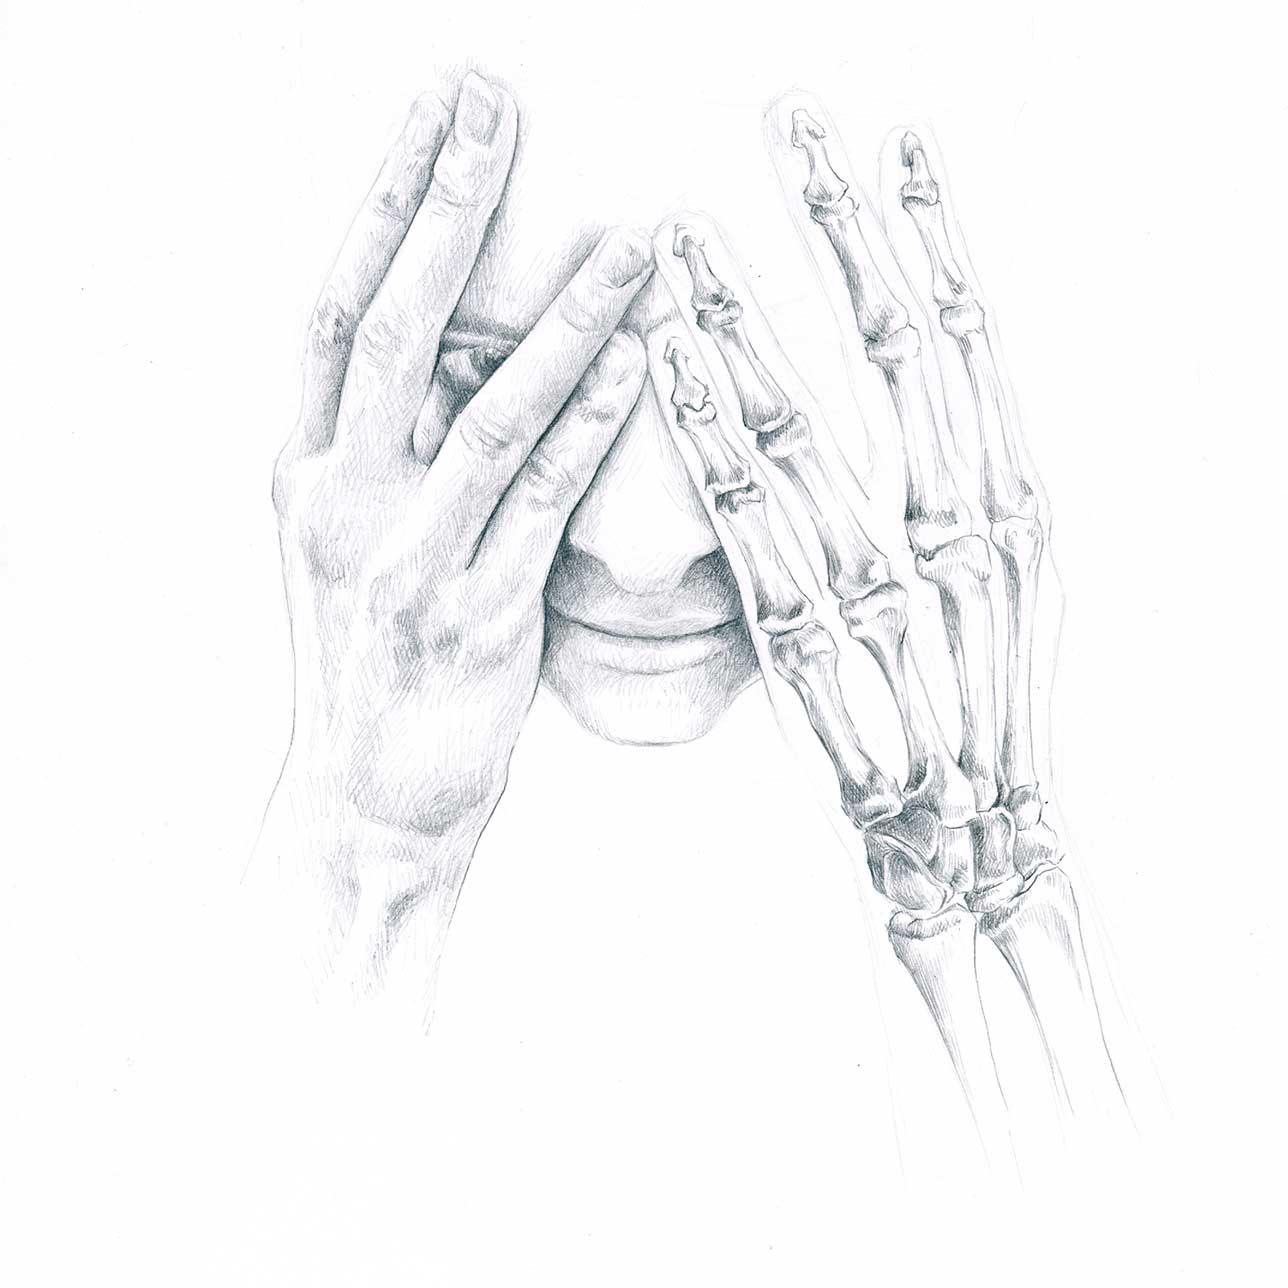 Anatomie, Hände, Bleistiftstudie